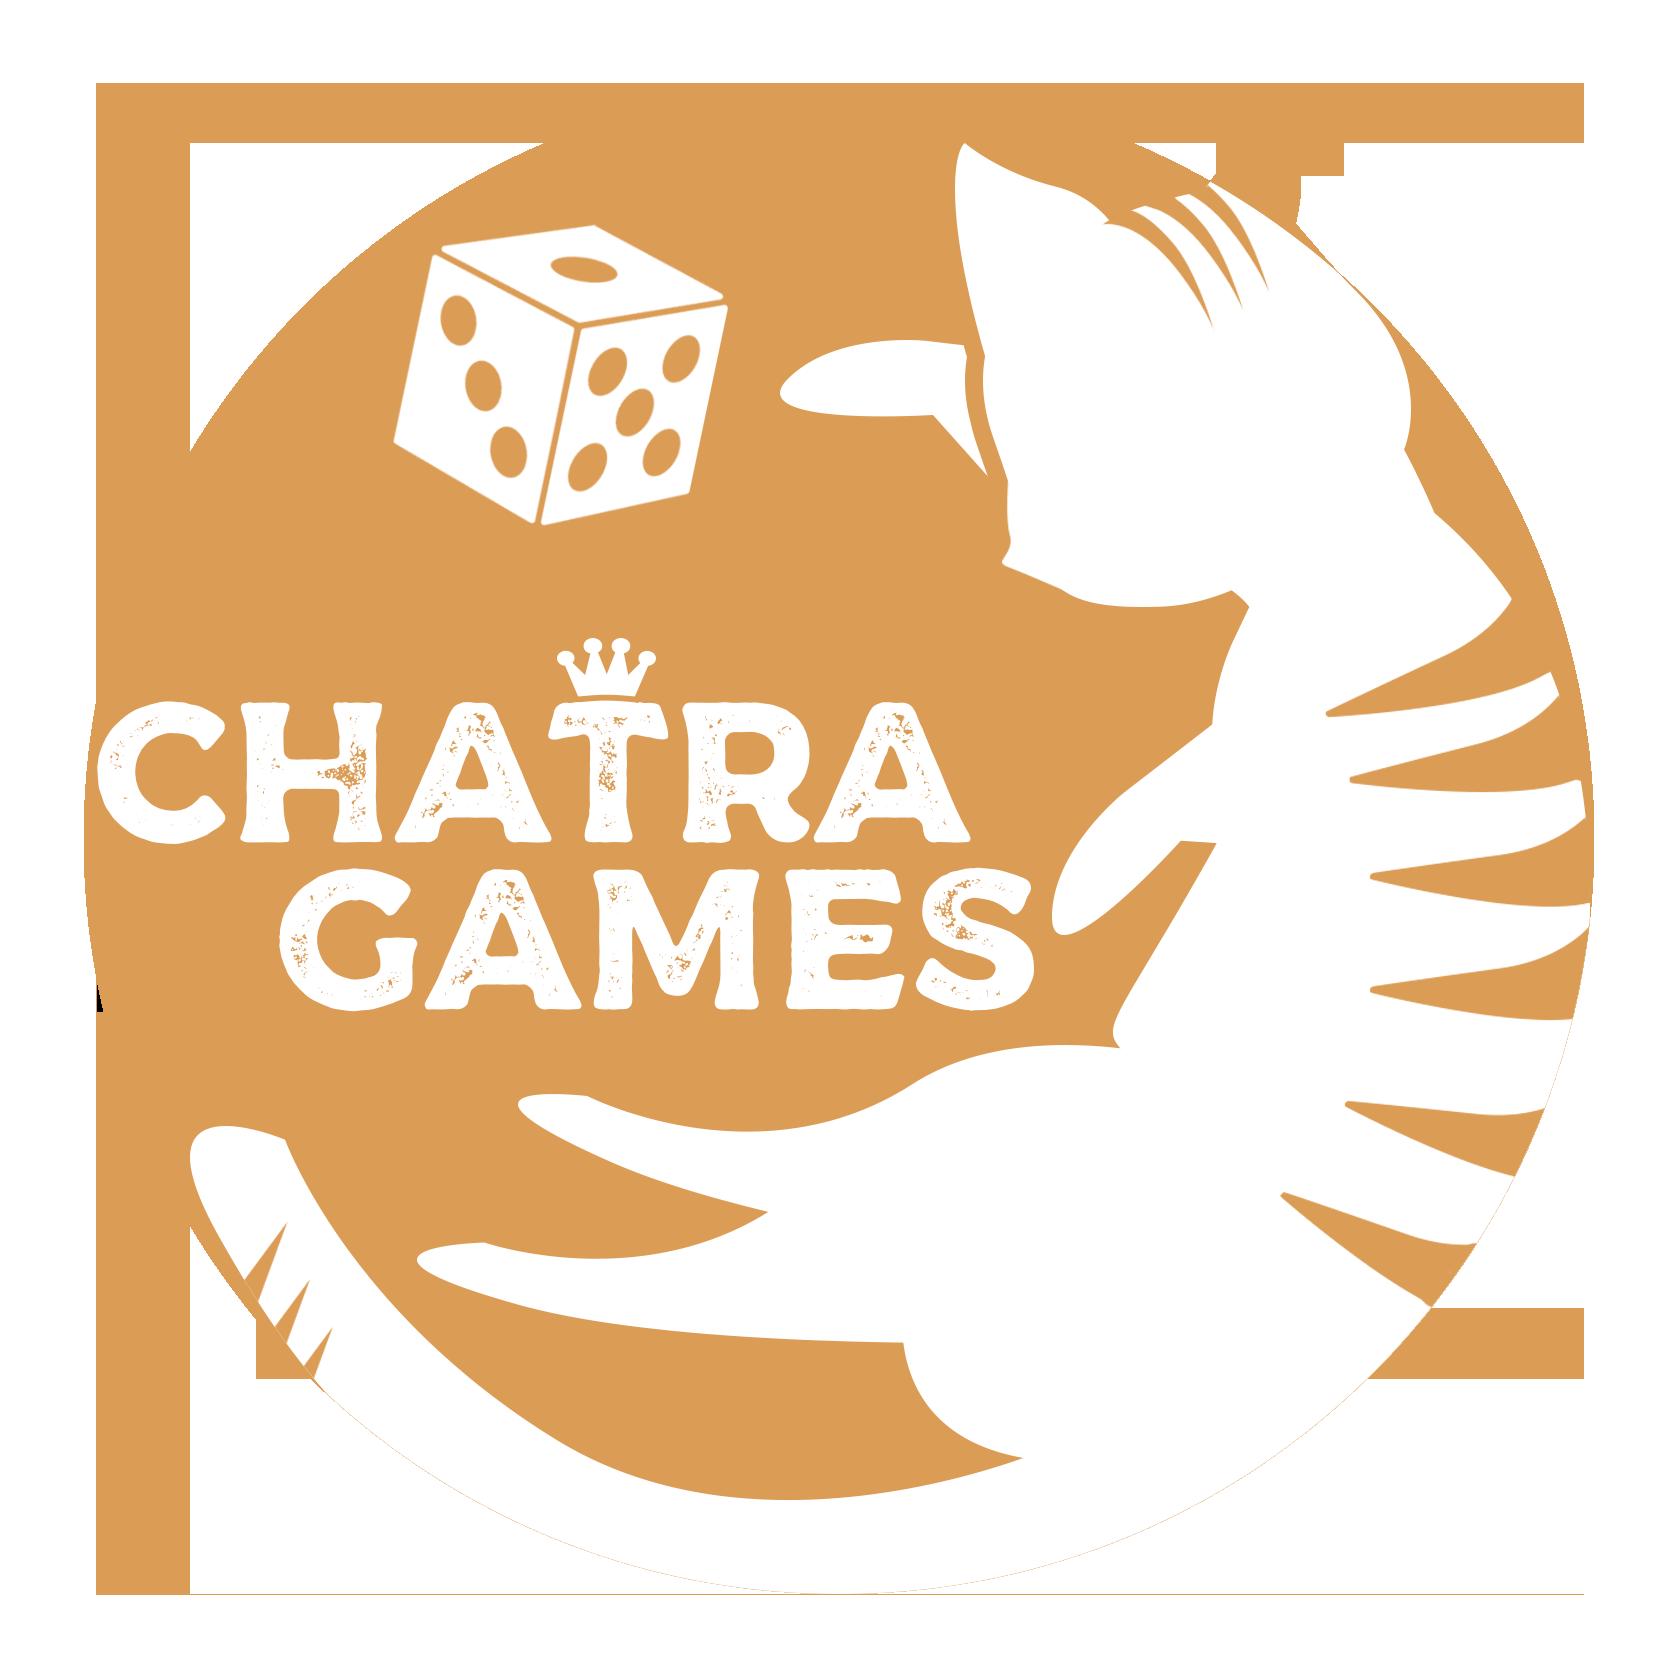 チャトラゲームズ画像